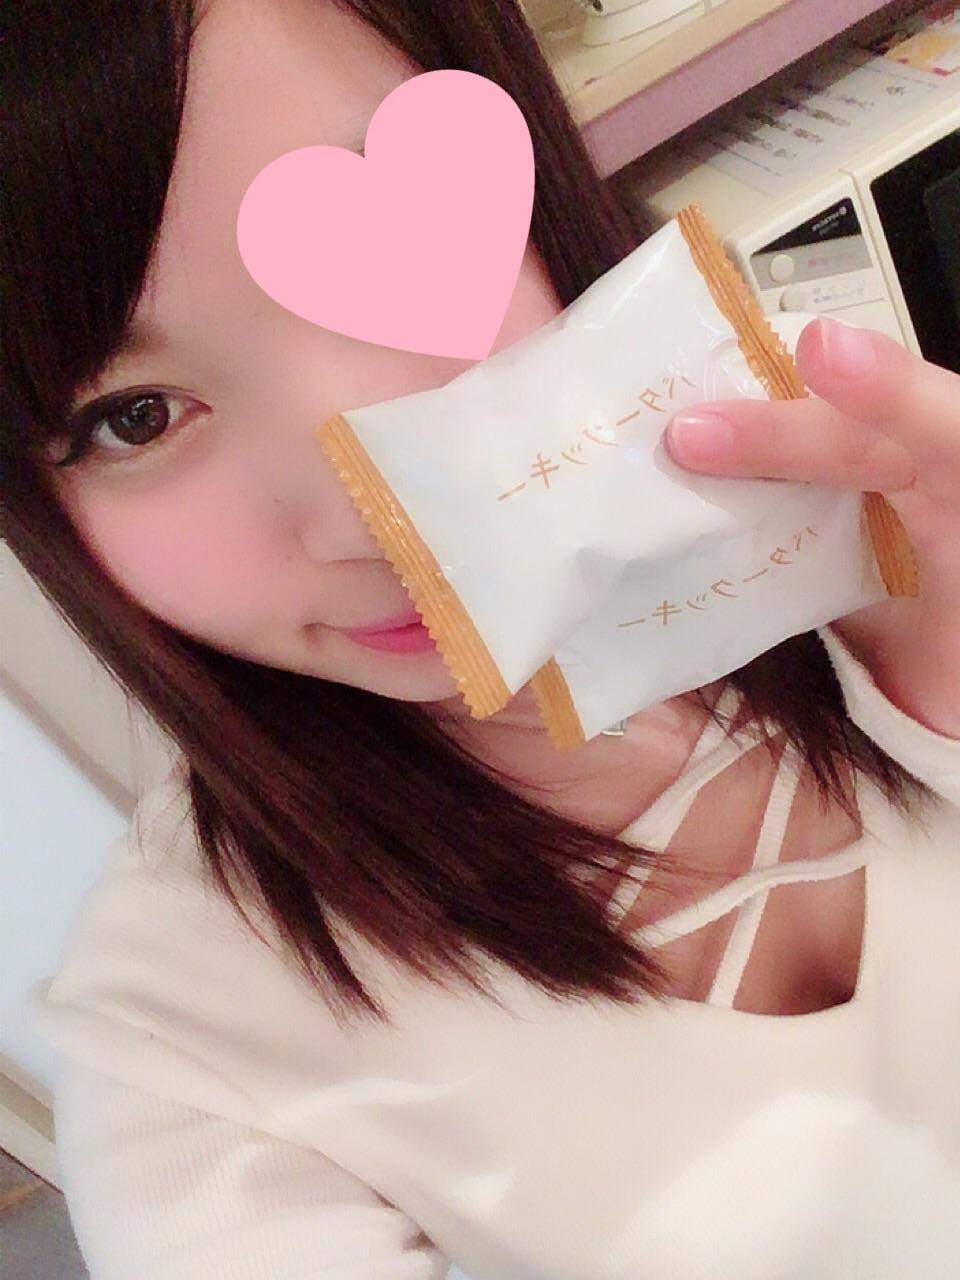 「あついよ〜」05/20(05/20) 13:37 | あいの写メ・風俗動画